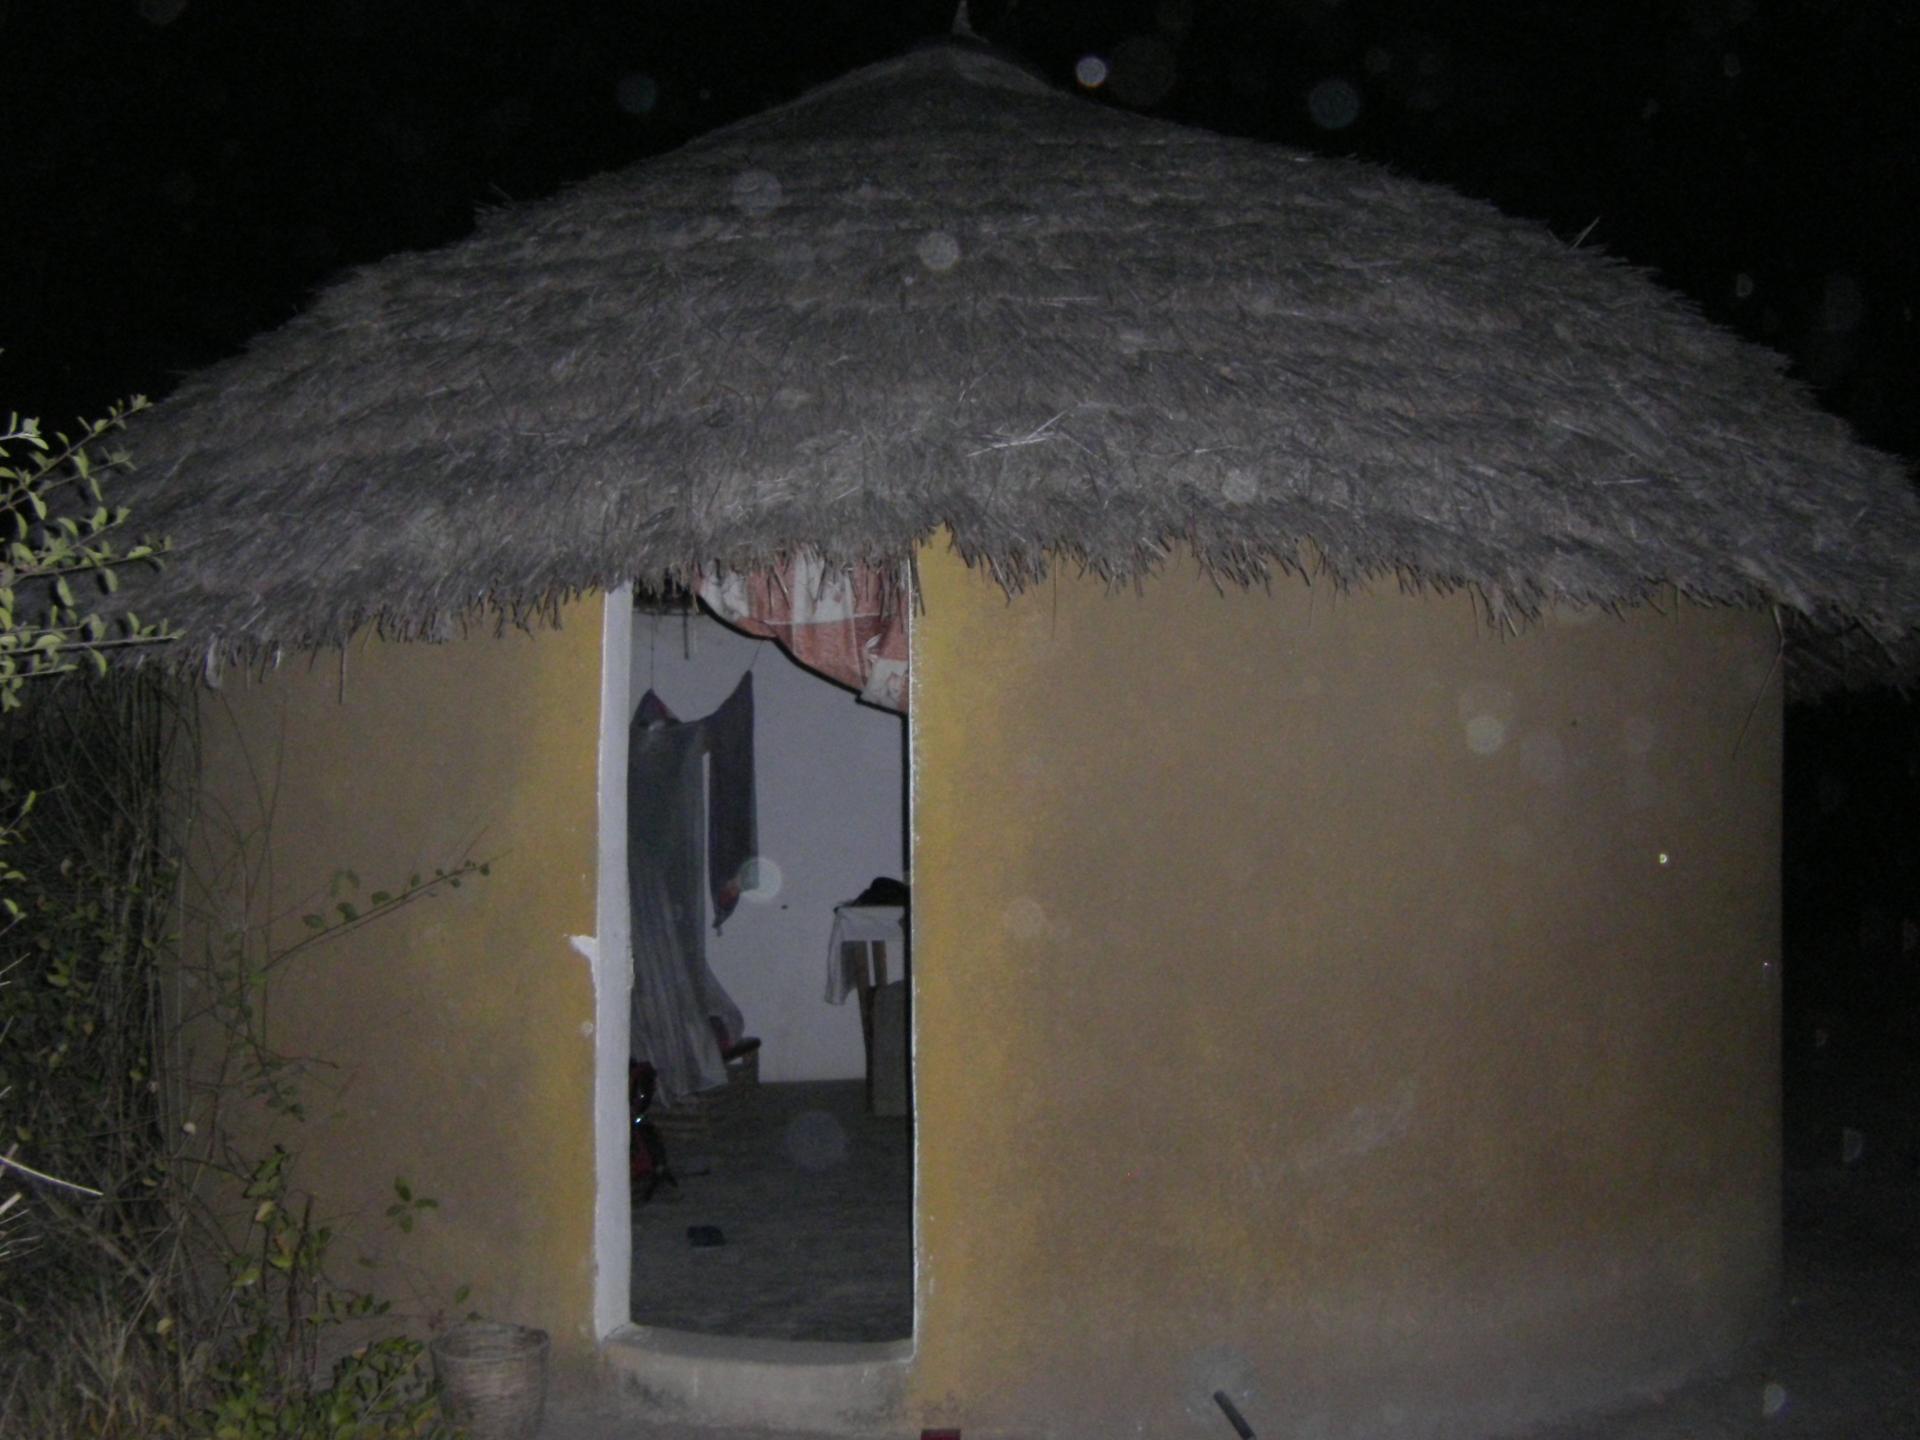 Notre case de nuit